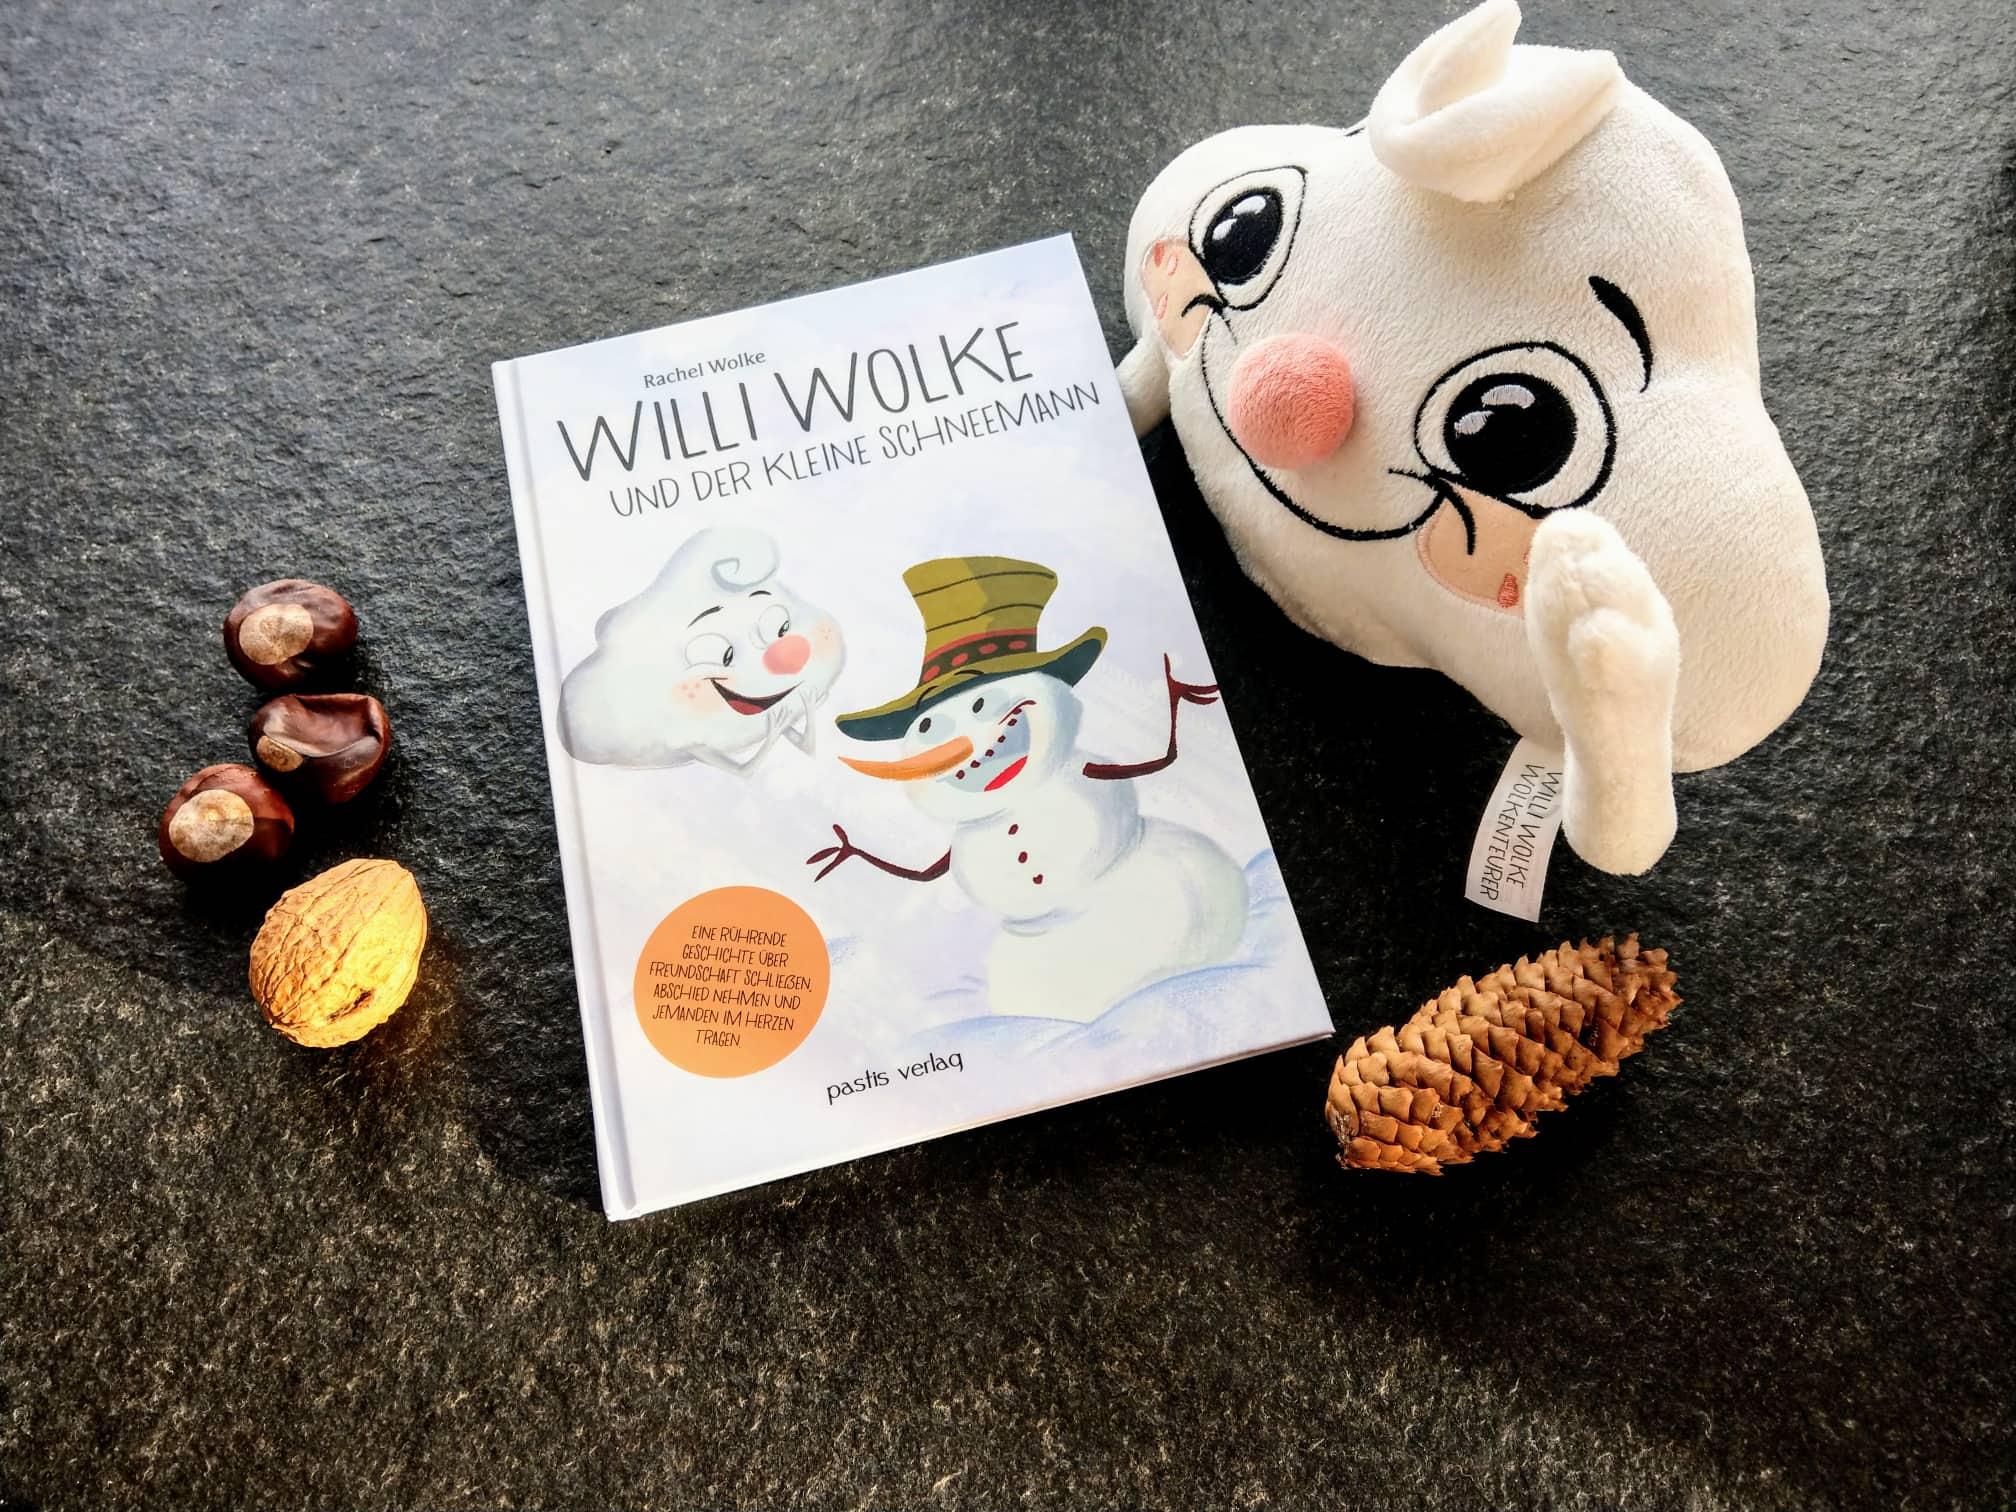 Willi Wolke und der kleine Schneemann: Kinderbuchtipp im Großfamilienblog Puddingklecks